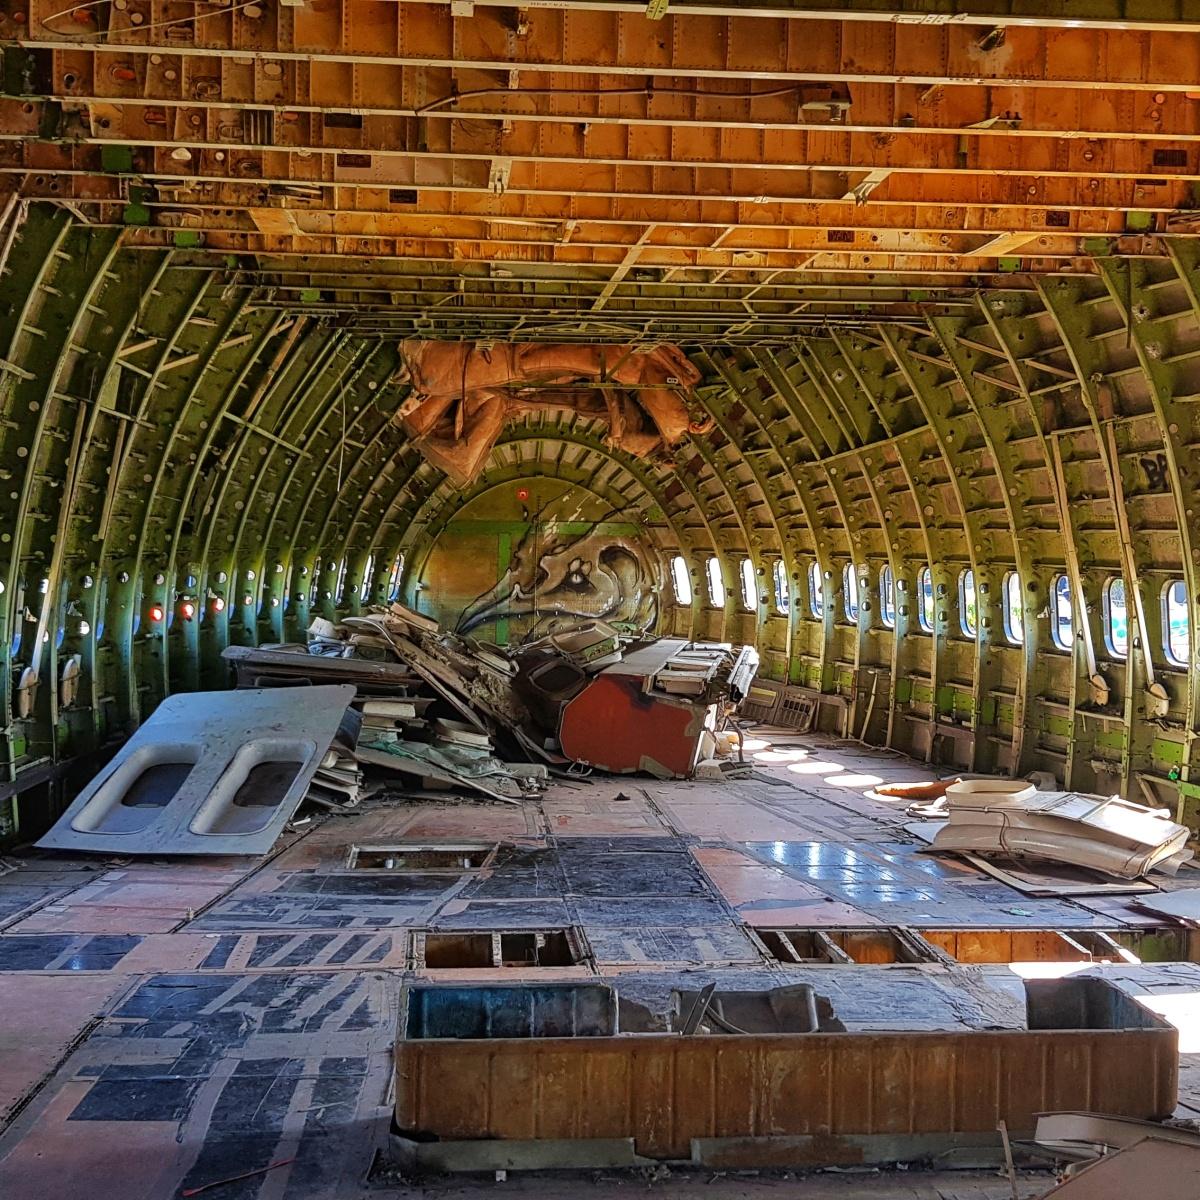 Abandoned Plane Graveyard, Thailand   Abandoned World Photography